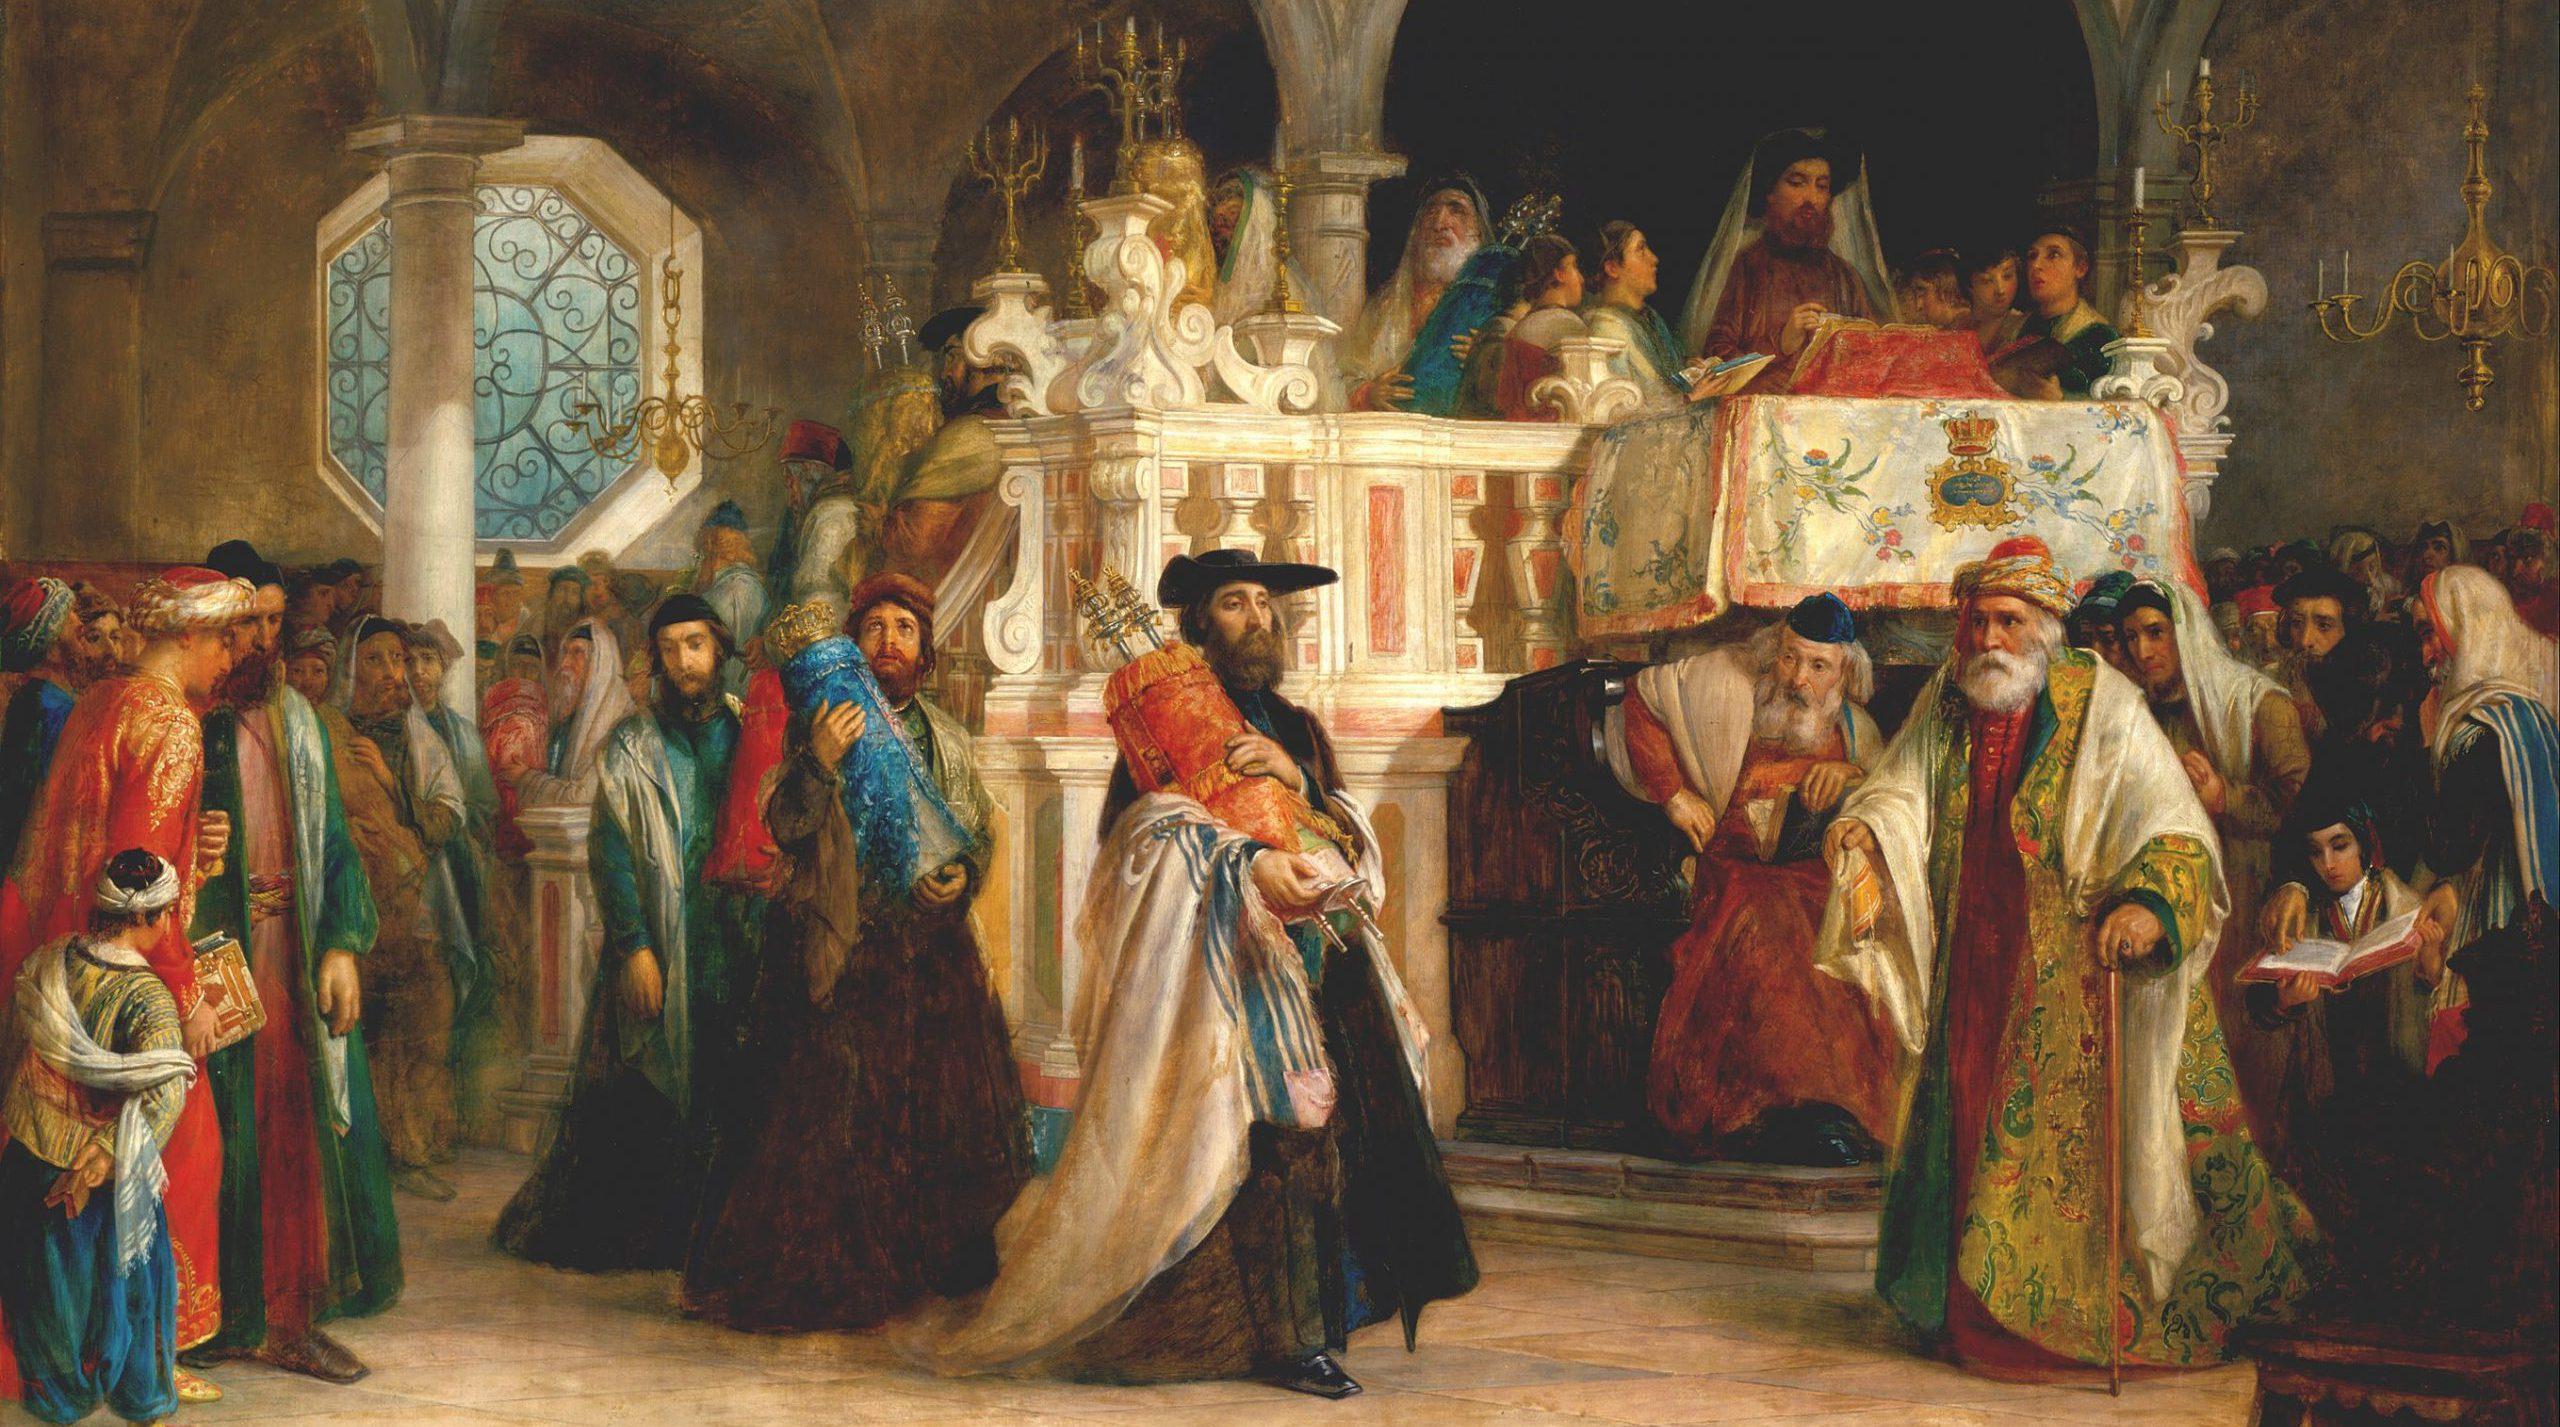 מושגים ביהדות: 'שמחת תורה' – הרב חגי לונדין